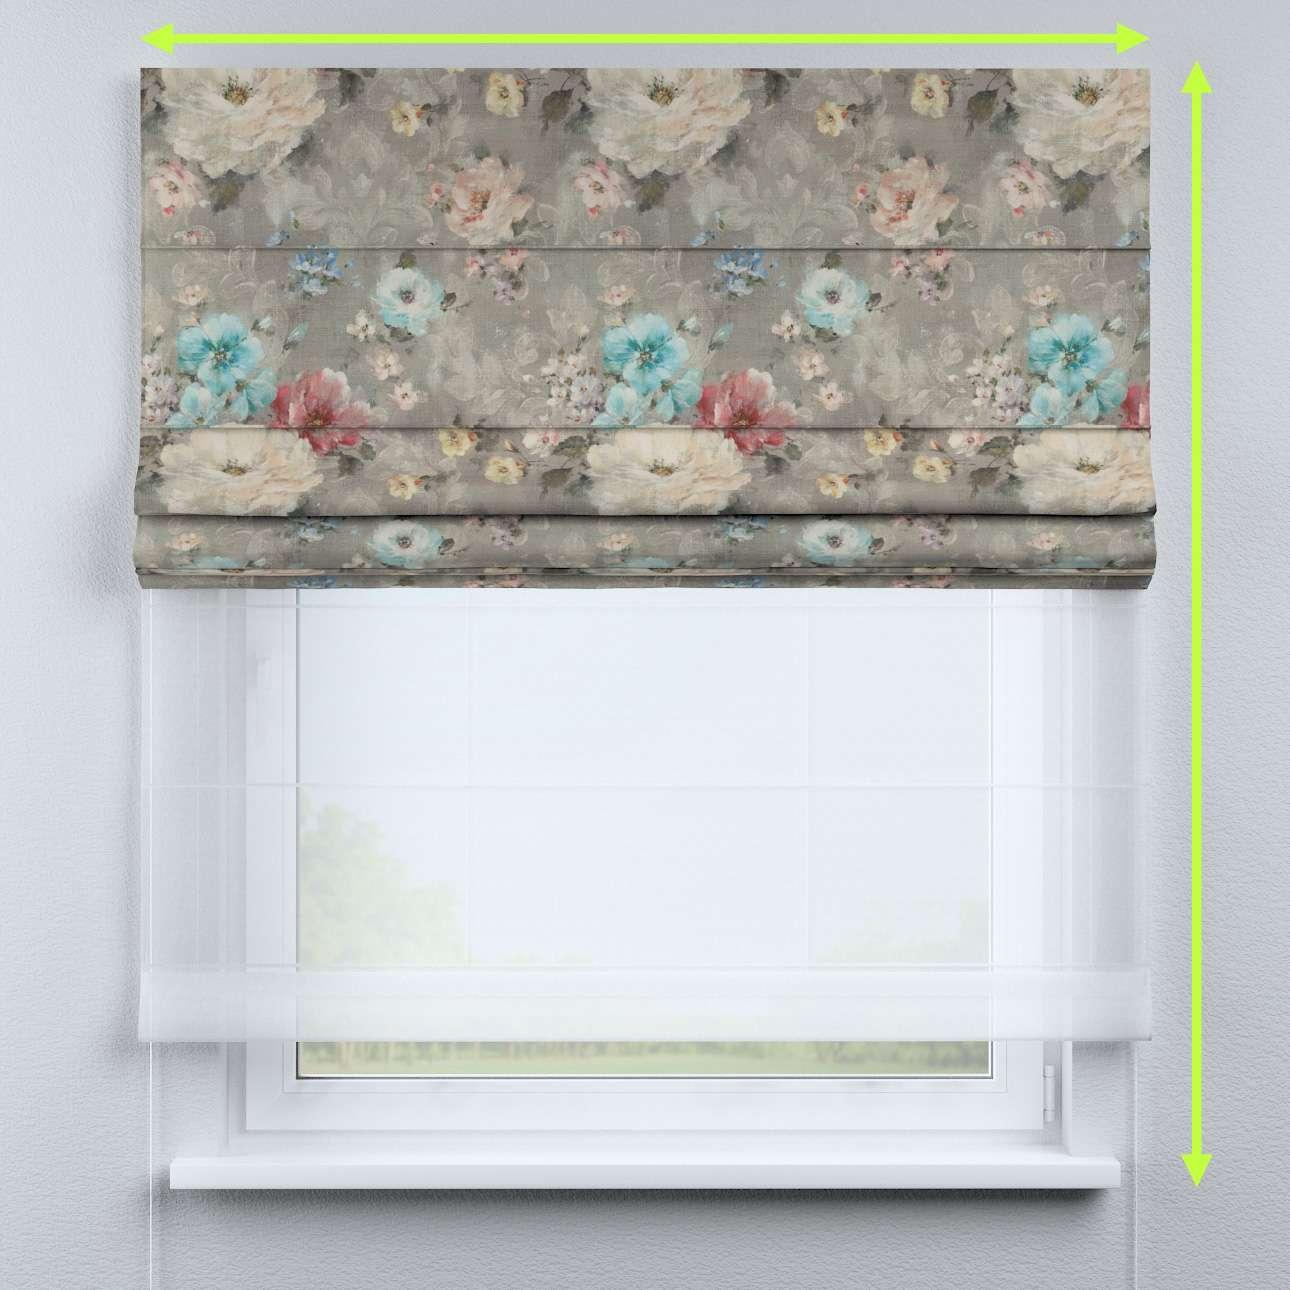 Roleta rzymska Duo w kolekcji Monet, tkanina: 137-81